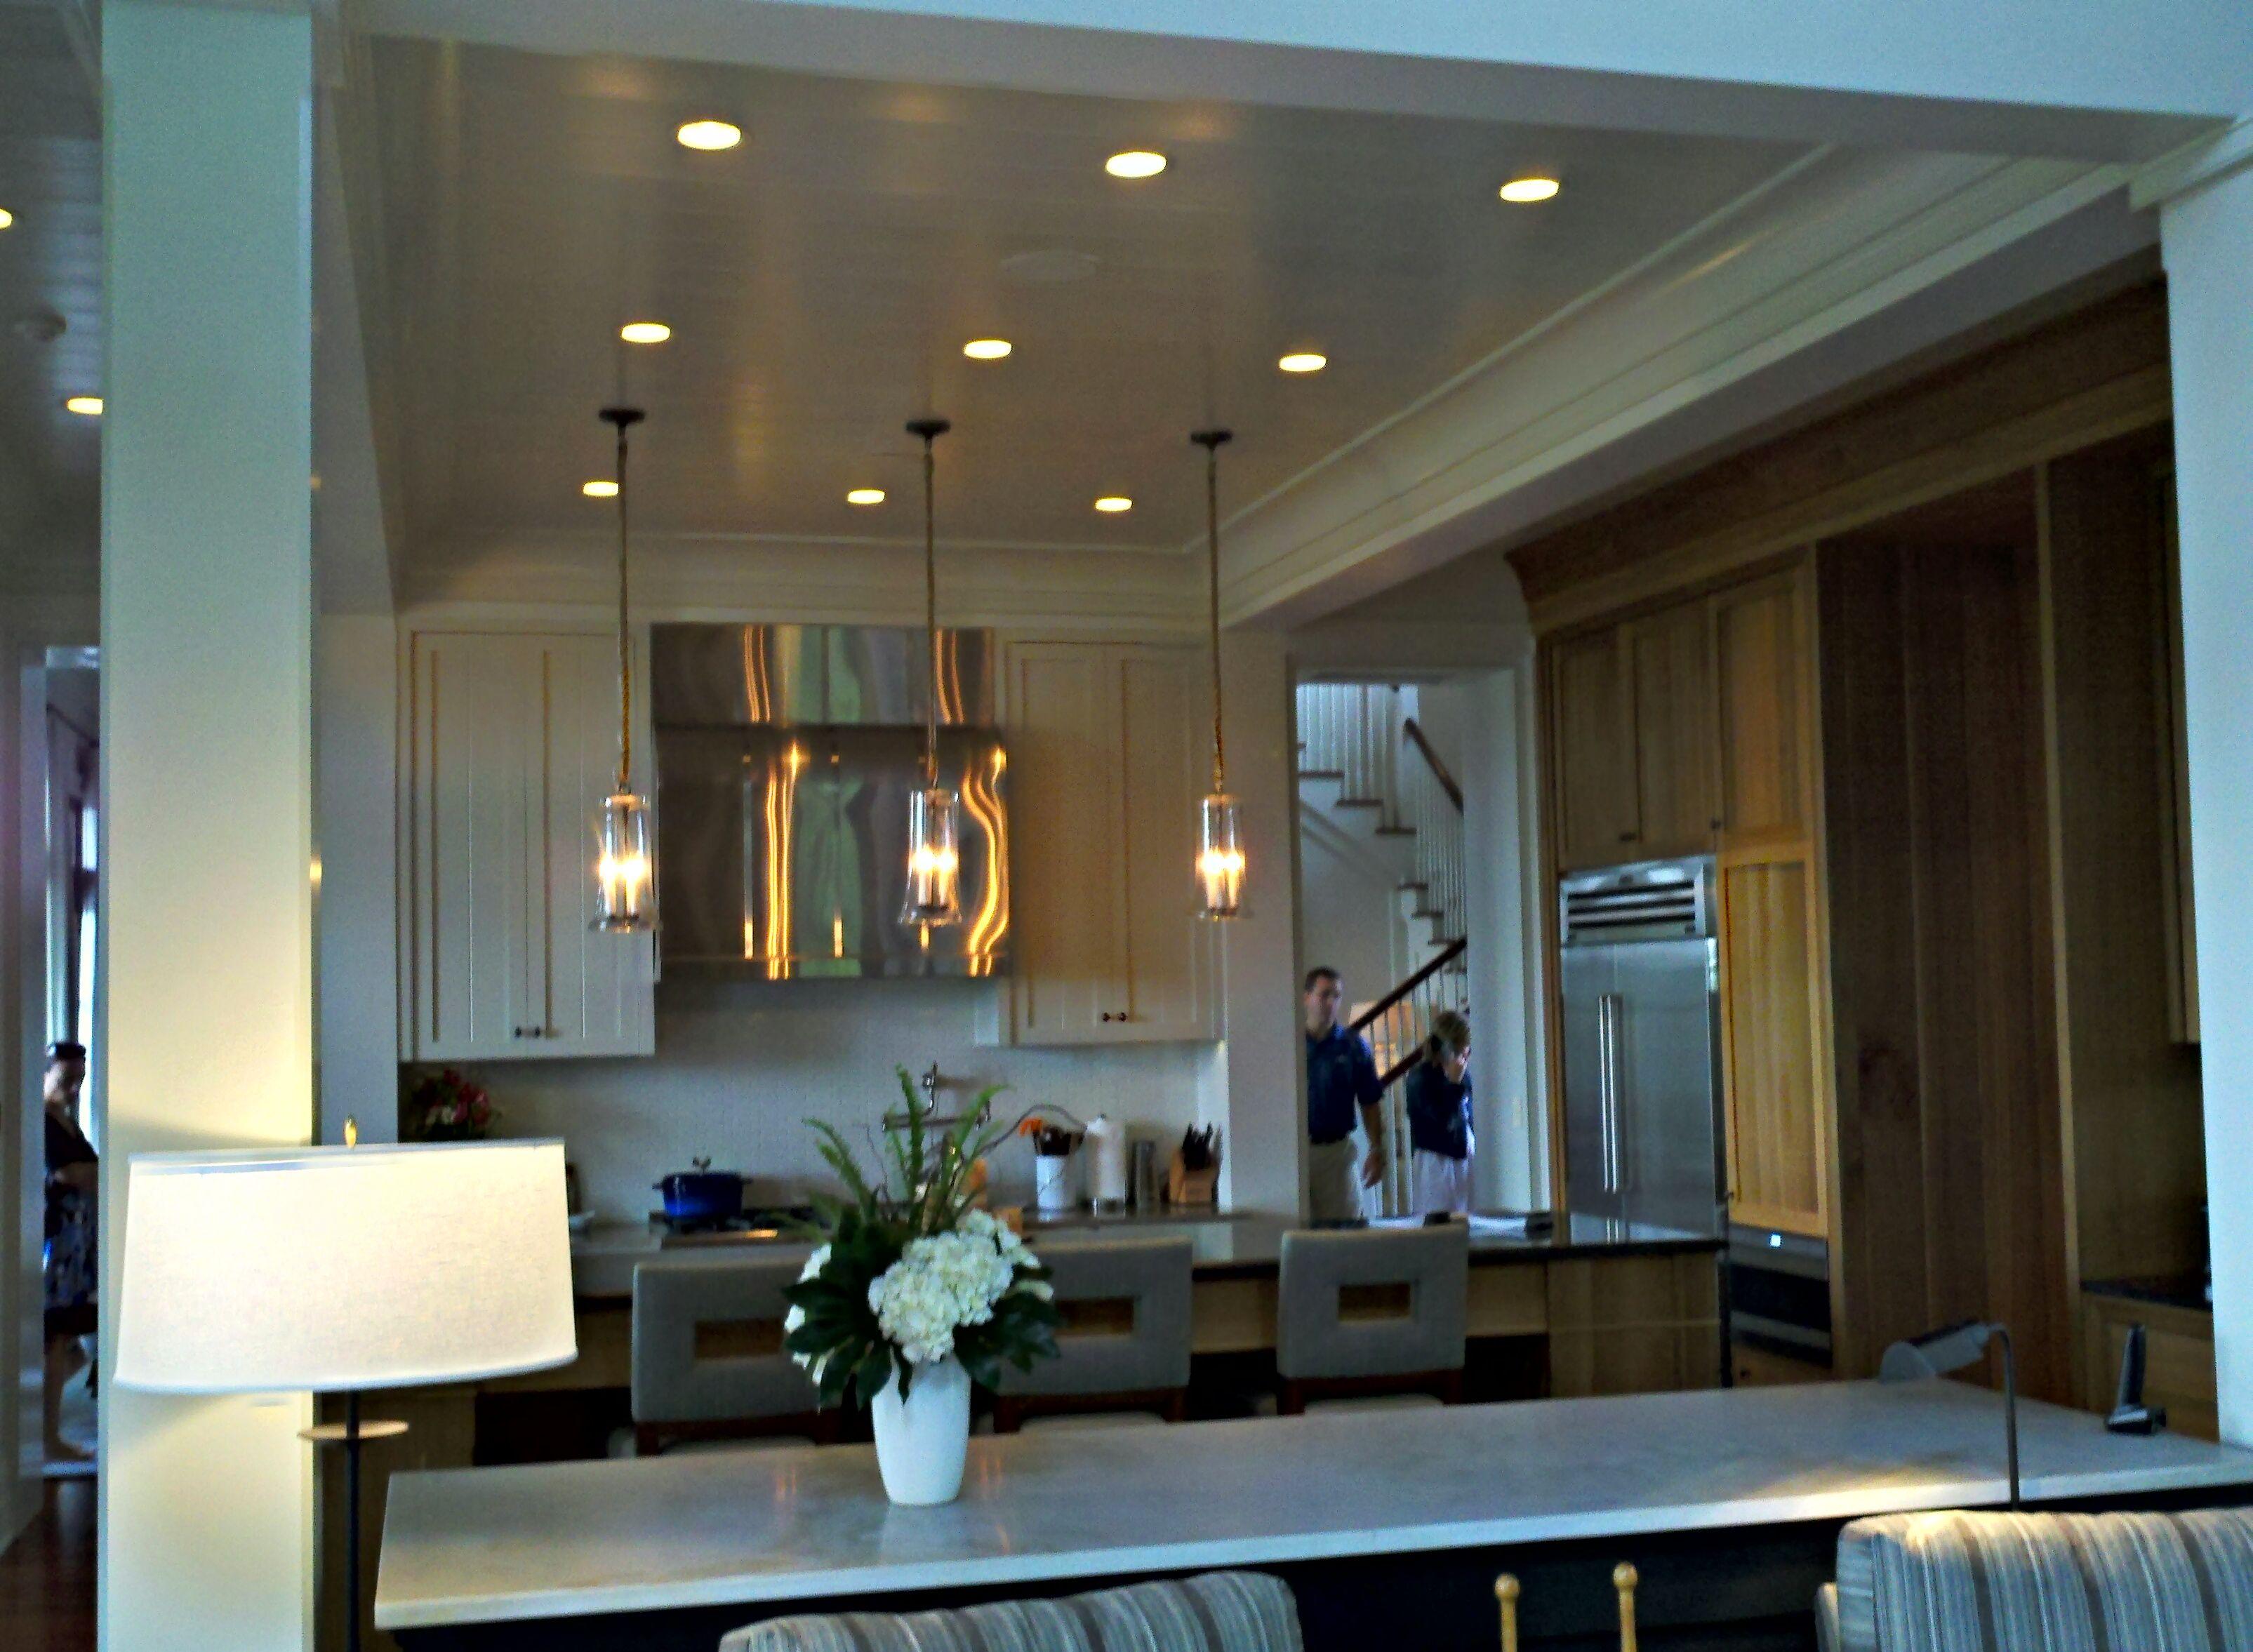 charleston home design%0A    d   c  a ea d  d  e dd  af f  jpg